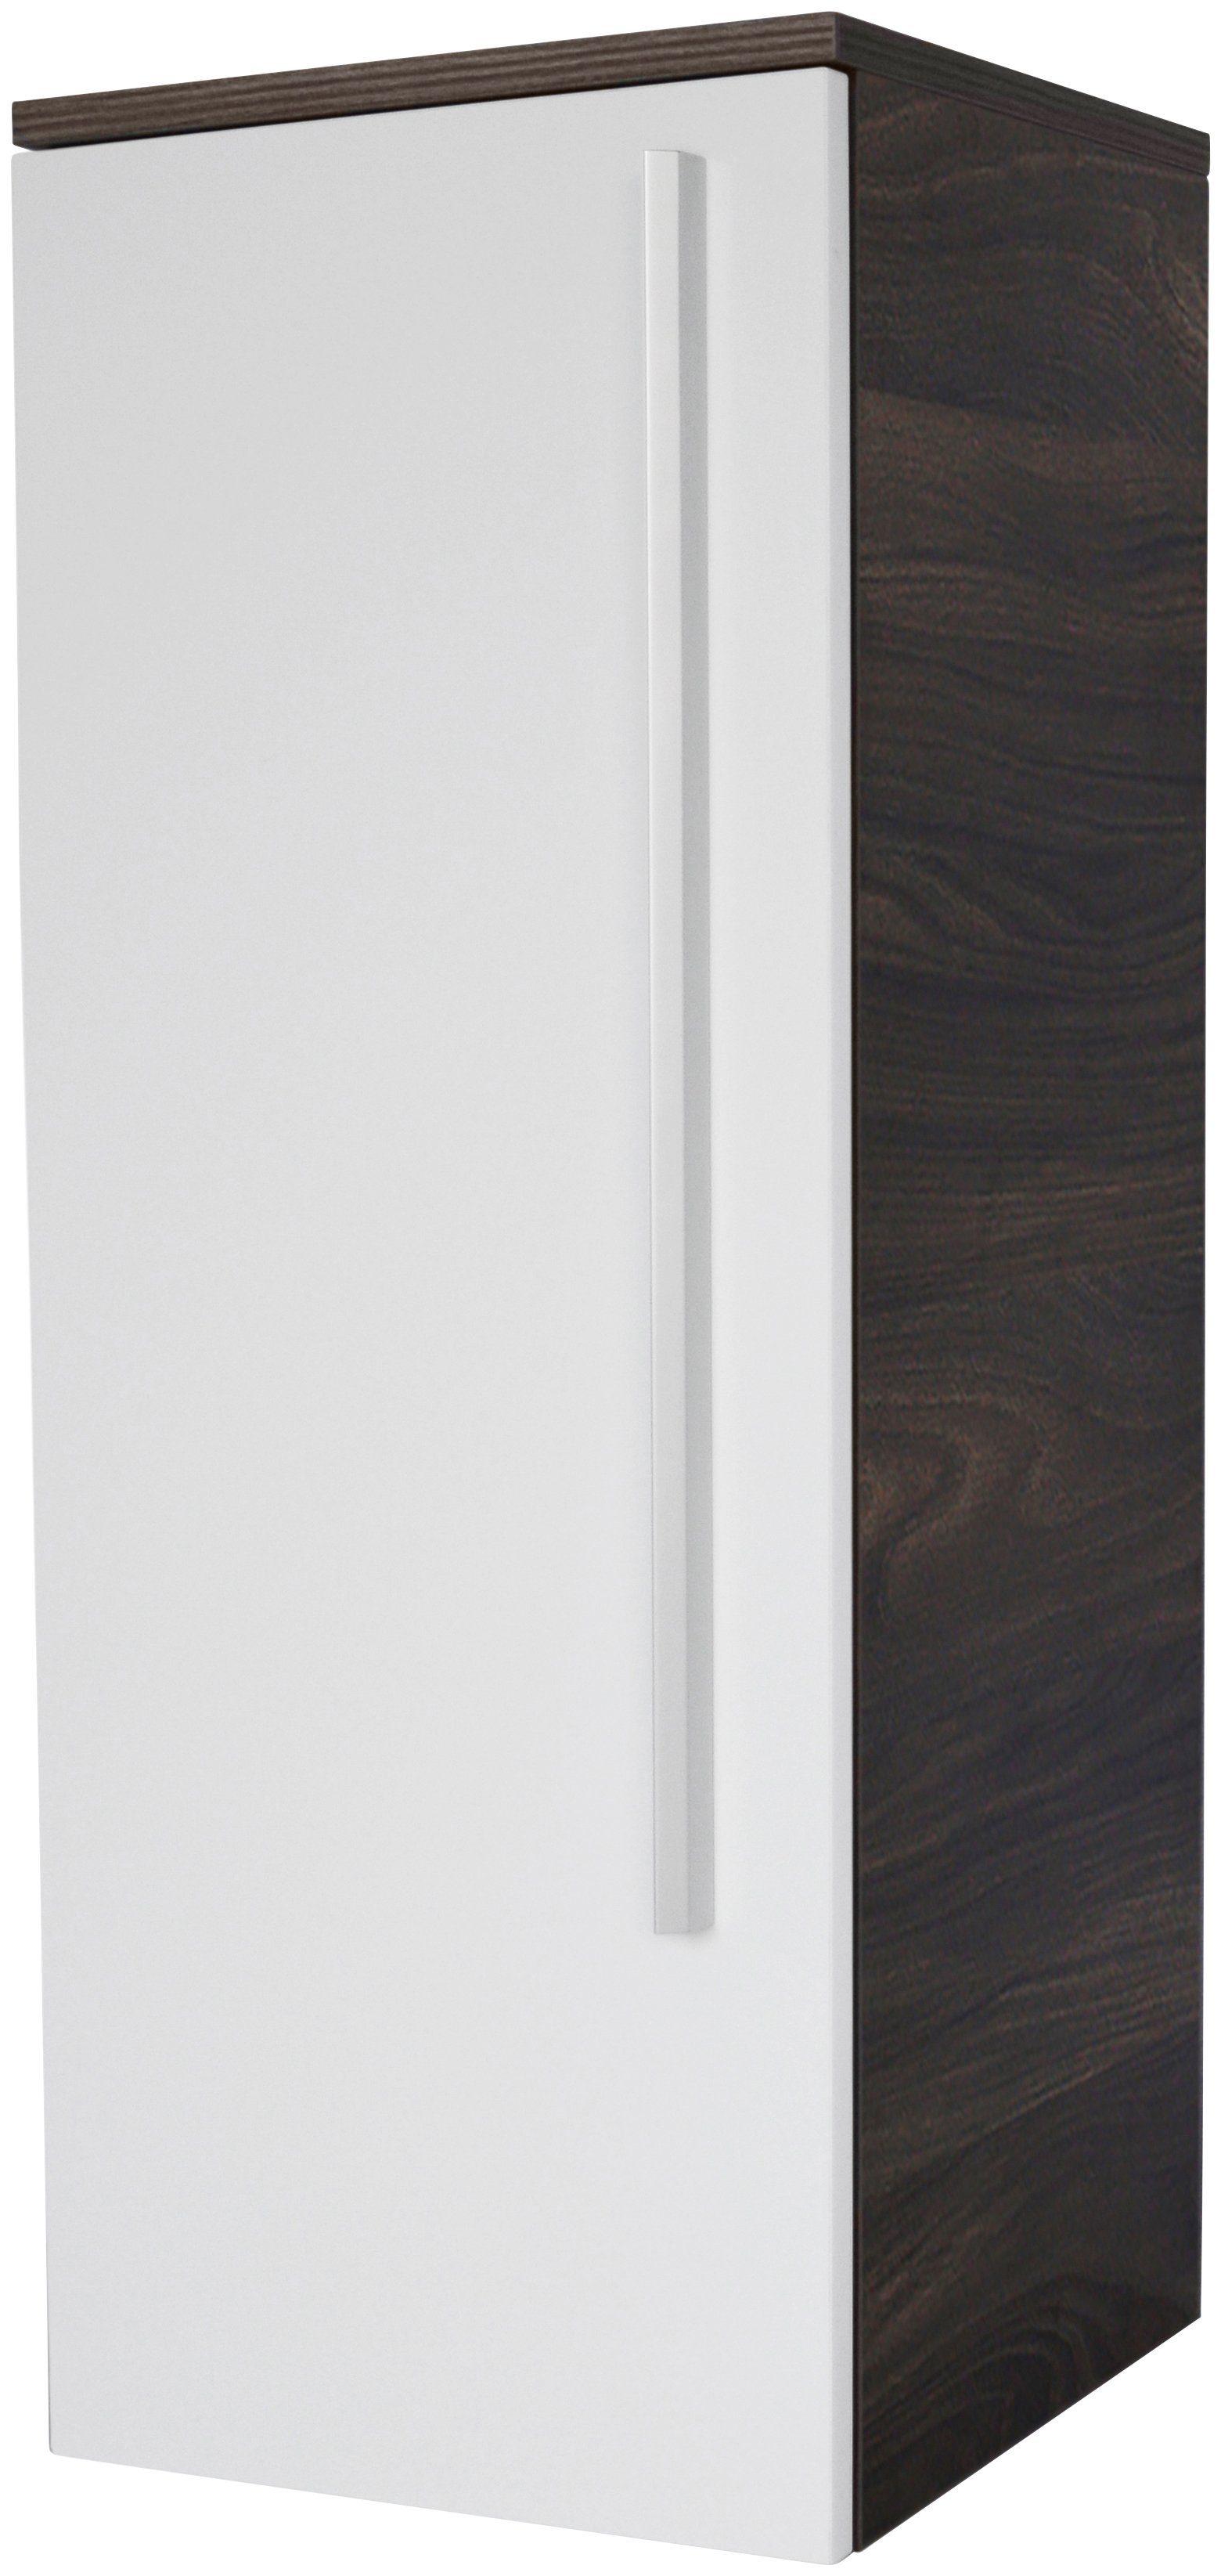 FACKELMANN Badhängeschrank »Yega links«, Breite 30,5 cm